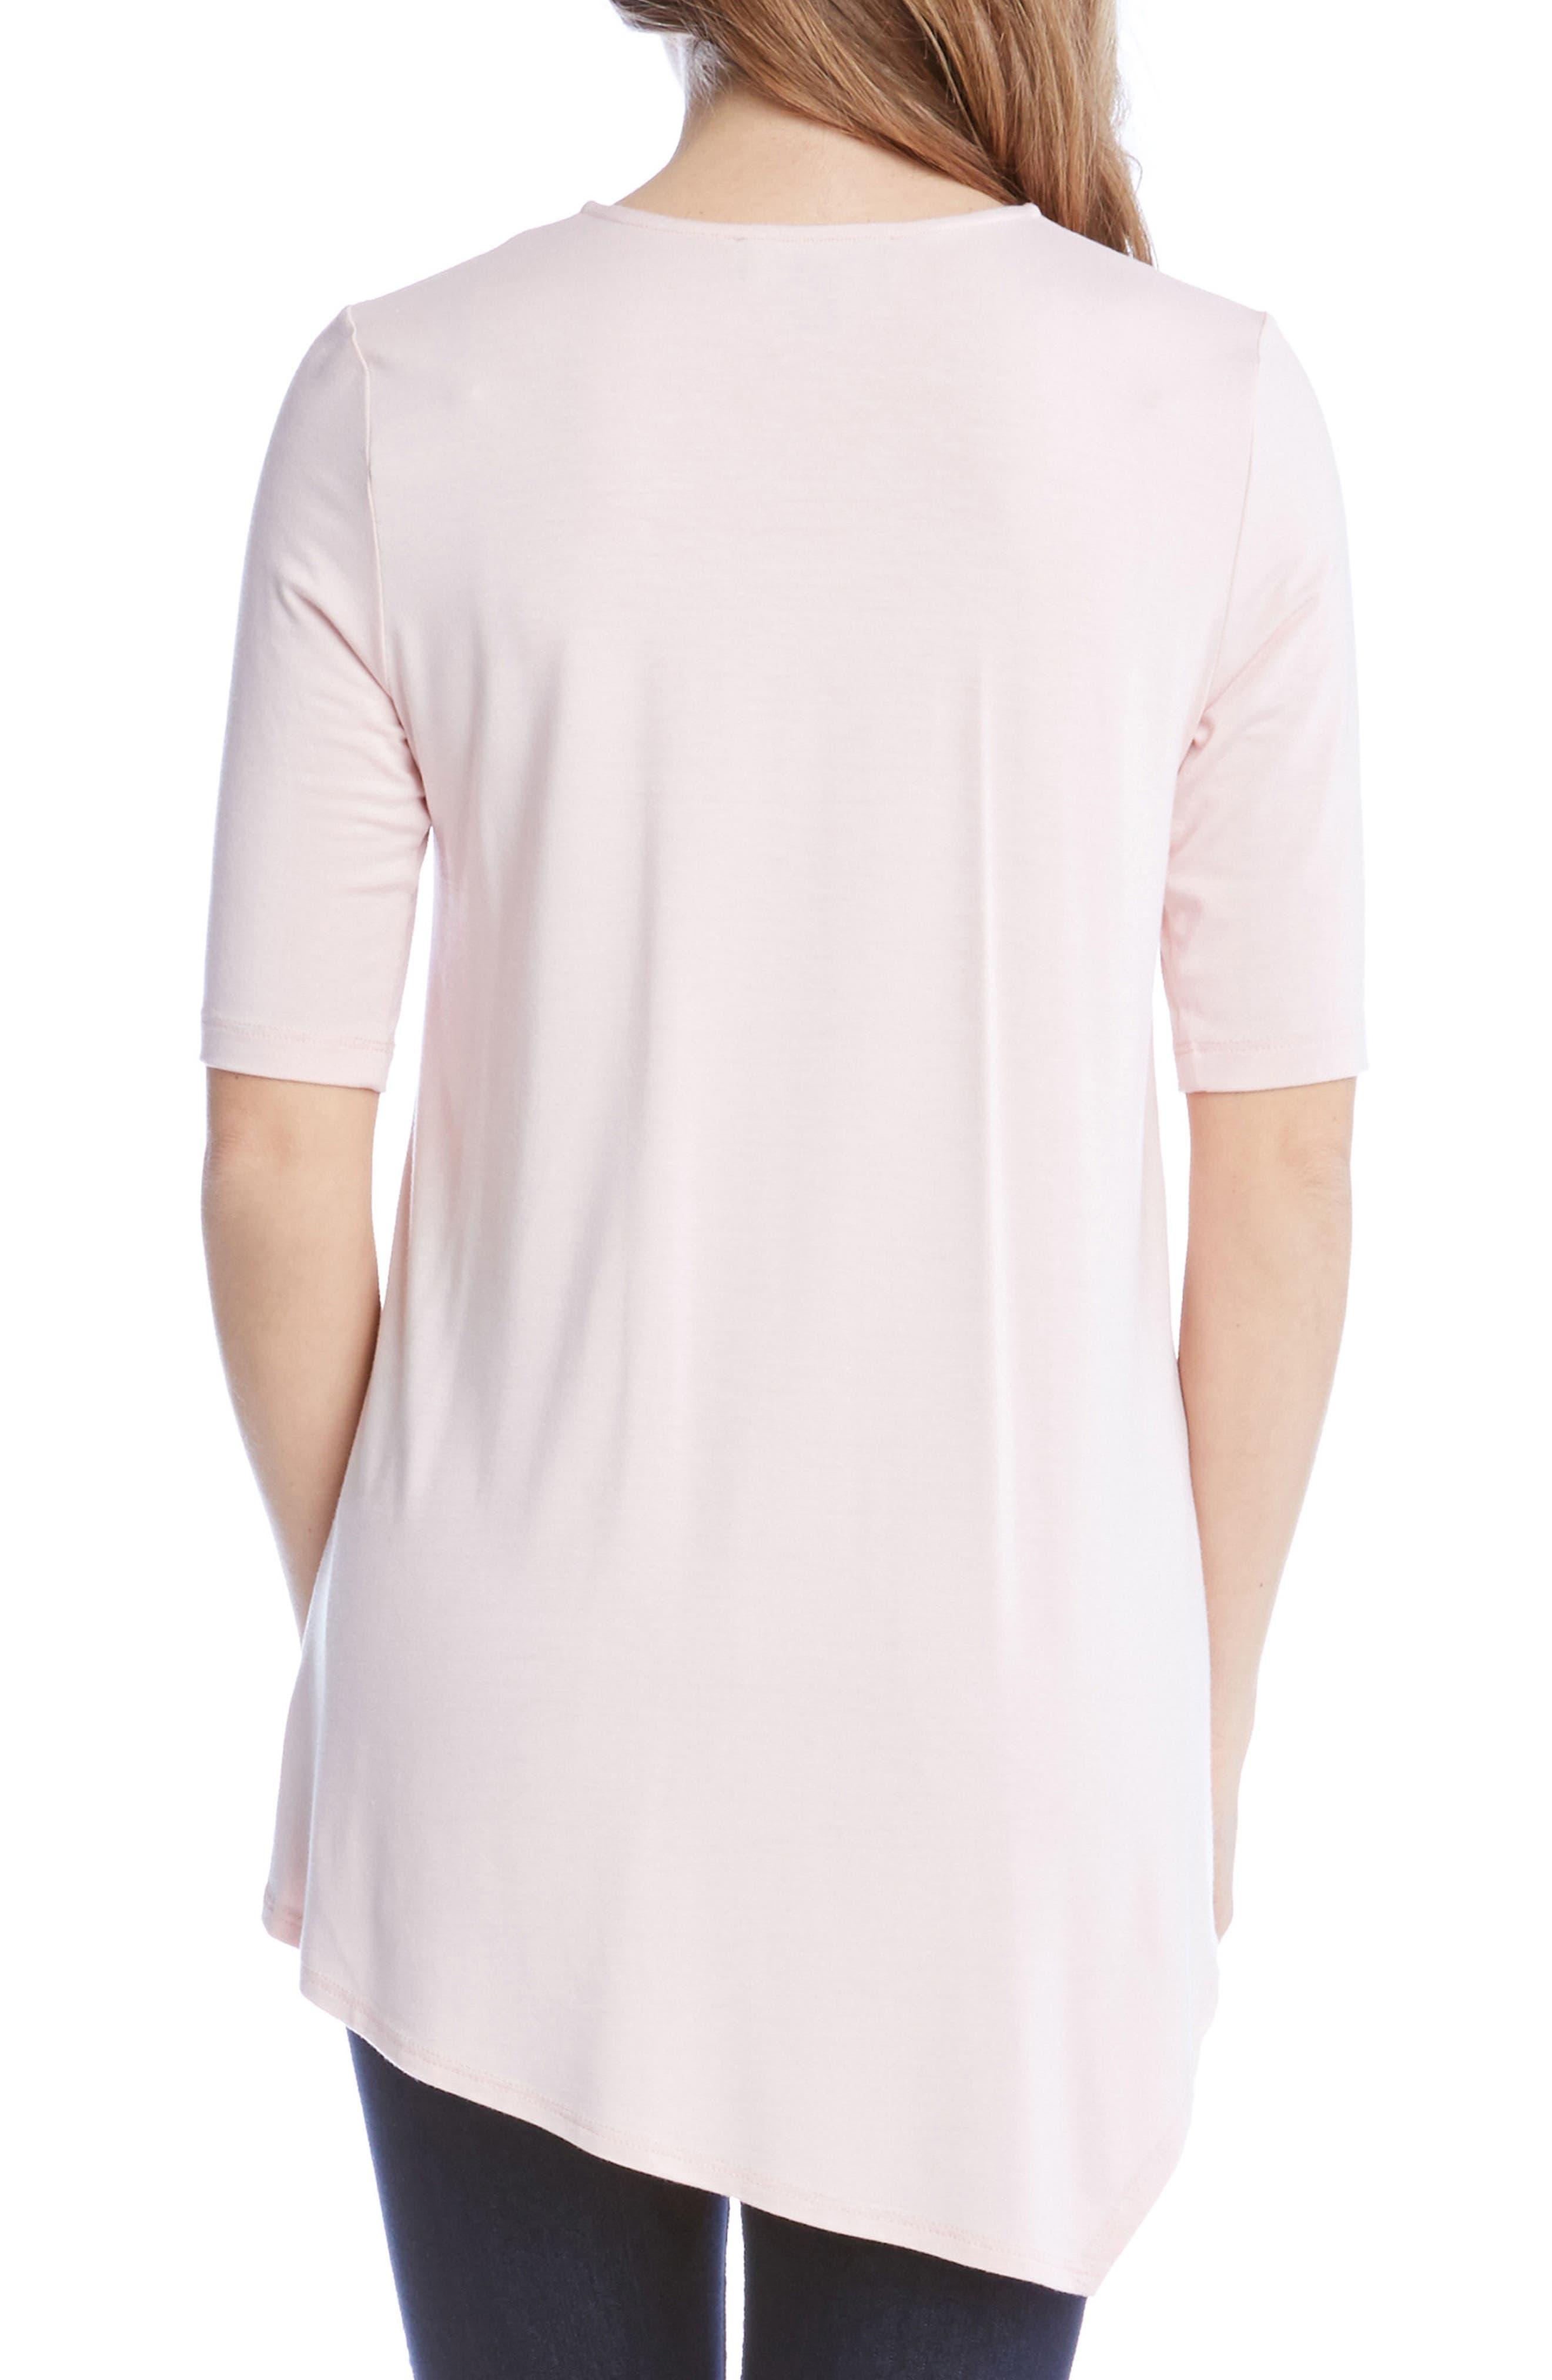 Alternate Image 2  - Karen Kane Pencil Sleeve Drape Jersey Top